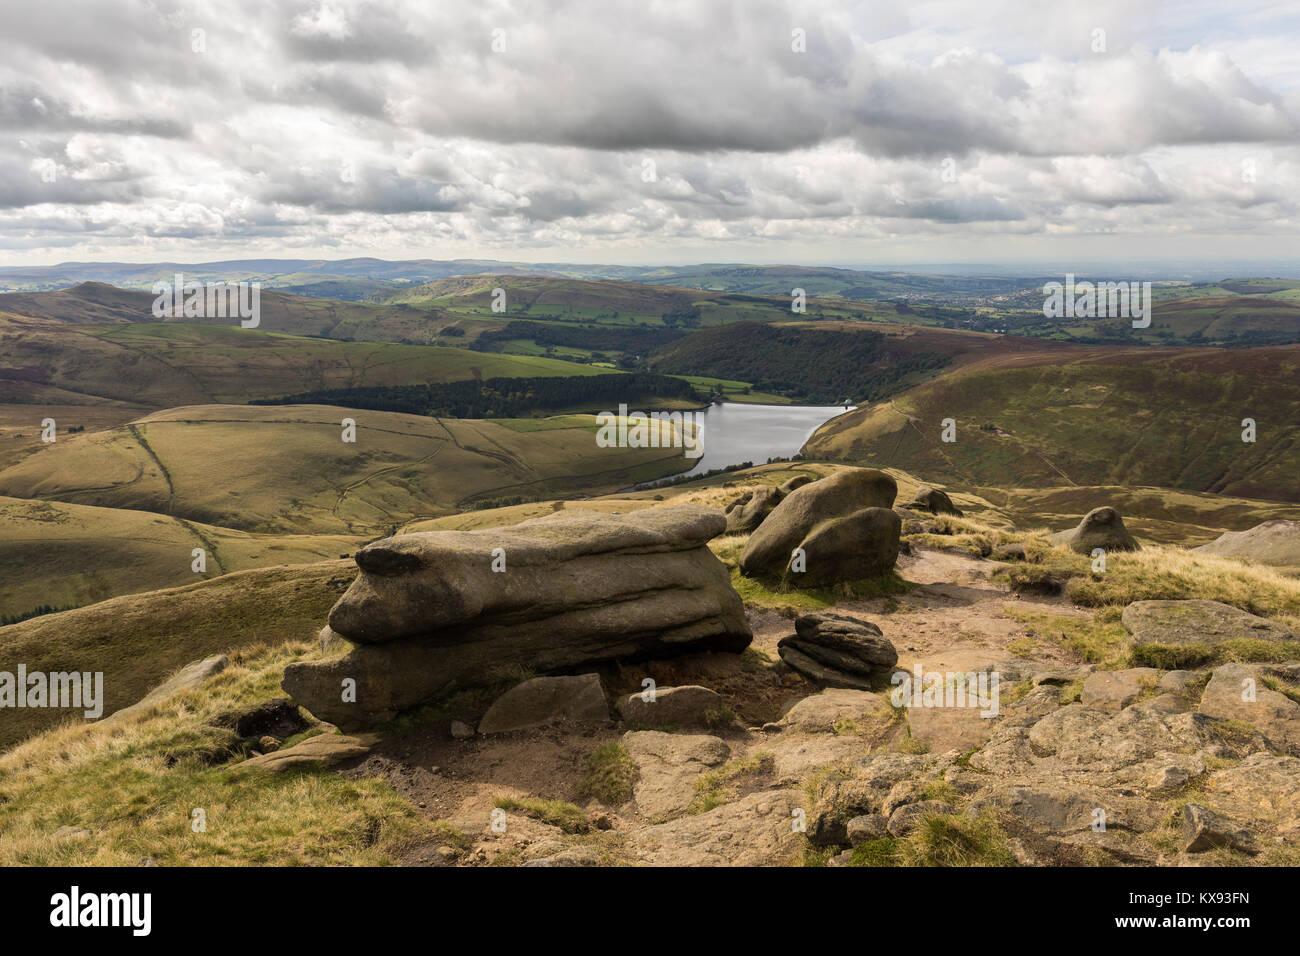 View of Kinder Reservoir from Kinder Scout, Peak District National Park, Derbyshire, UK - Stock Image